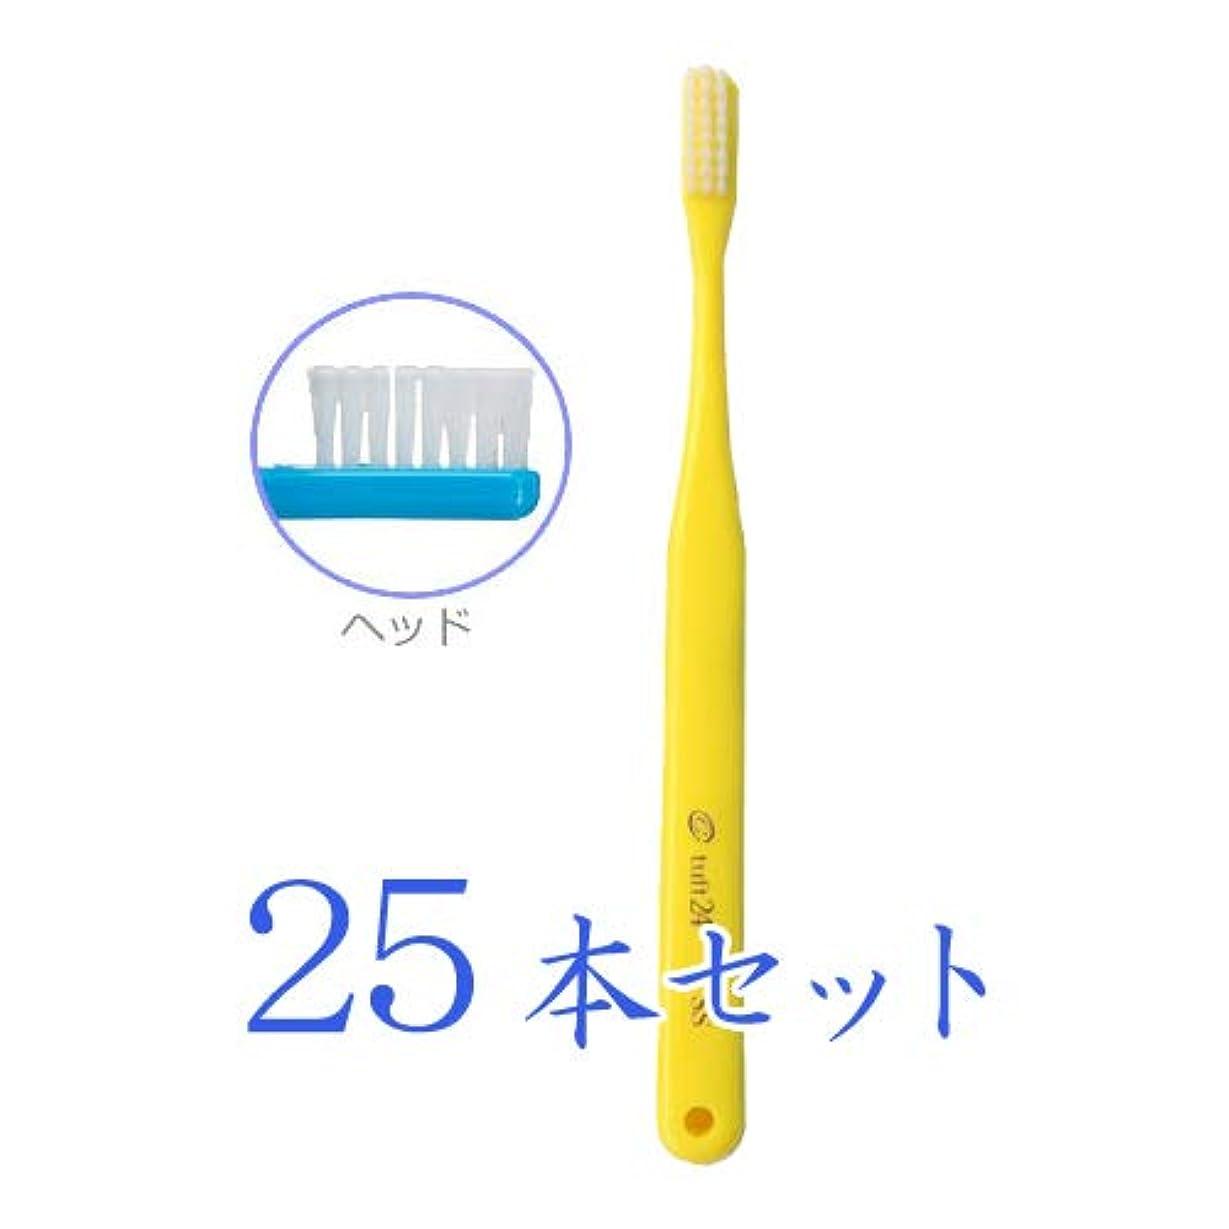 インセンティブ場合保護するタフト 24 歯ブラシ SS キャップなし 25本入 イエロー